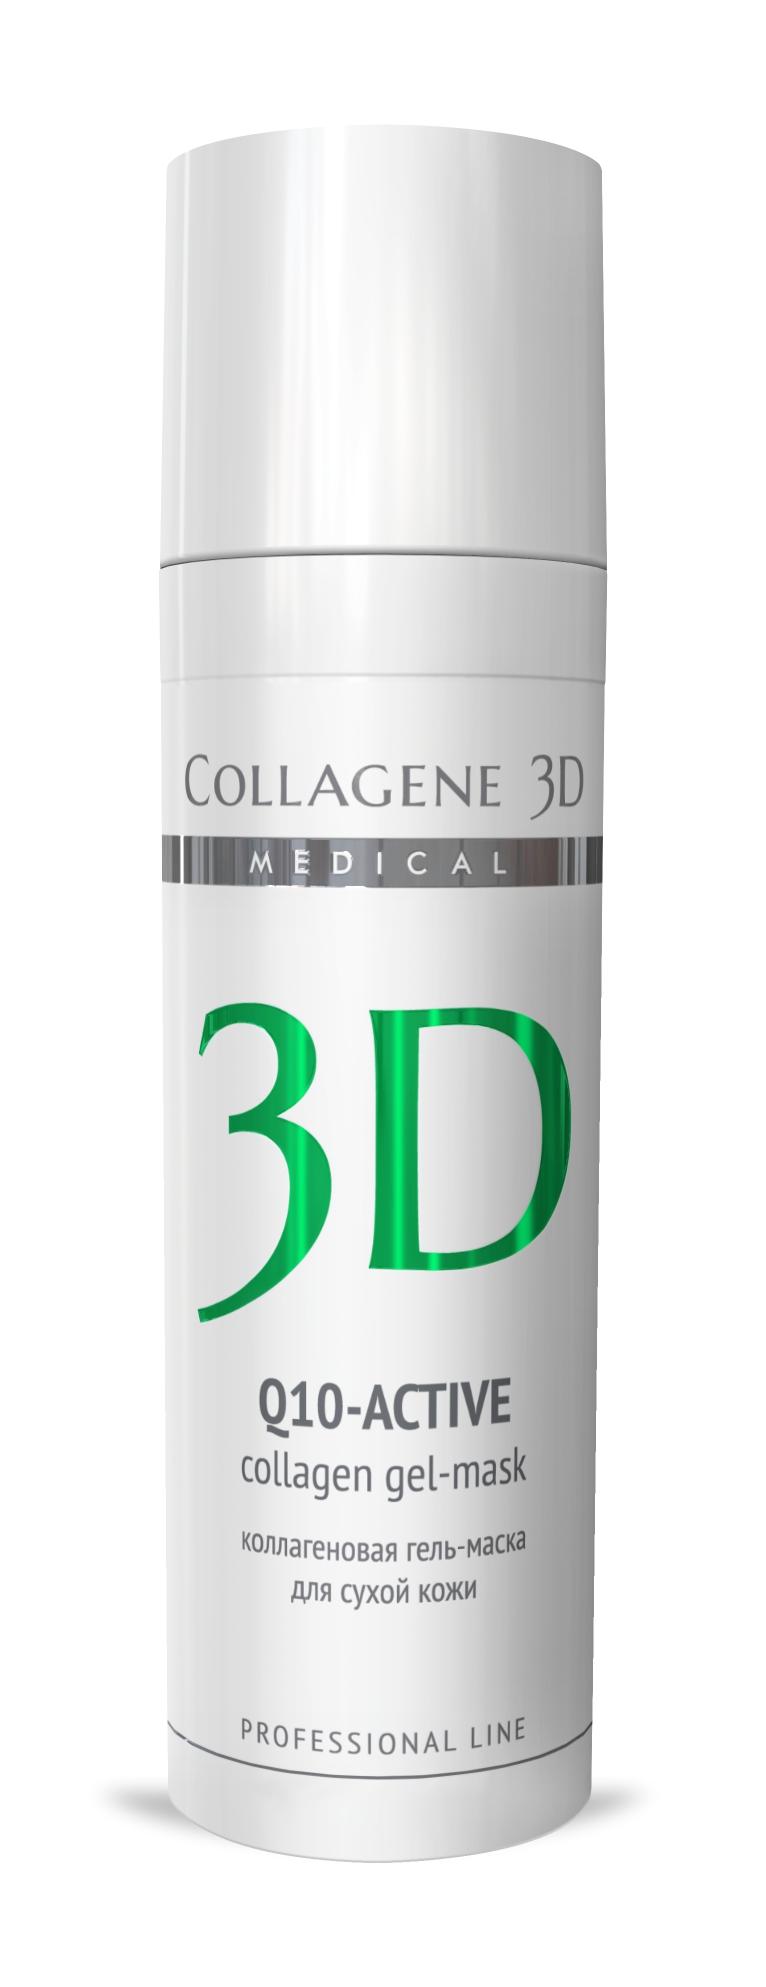 MEDICAL COLLAGENE 3D Гель-маска коллагеновая с коэнзимом Q10 и витамином Е Q10-aktive 30мл проф.Маски<br>Гель-маска подходит для проведения самостоятельной процедуры, а также сочетается с аппаратными методиками, может применяться в качестве концентрата под альгинатную маску или обертывания. Коэнзим Q10 и витамин E способствуют увлажнению сухой кожи, обеспечивают антиоксидантную защиту, стимулируют процессы выработки энергии. Нативный коллаген восстанавливает естественный уровень влажности эпидермиса и способствует проникновению воды и активных компонентов вглубь кожи. Активные ингредиенты: нативный трехспиральный коллаген, коэнзим Q10, витамин E. Способ применения: косметическая маска: очистить кожу косметическим молочком MILKY FRESH и тонизировать фитотоником NATURAL FRESH. Сделать пилинг, если потребуется. Нанести гель-маску на кожу тонким слоем. Сразу после того, как гель впитается, увлажнить кожу водой и поверх первого слоя нанести второй слой гель-маски. Время экспликации 5-15 минут (в зависимости от степени влажности помещения и особенностей кожи клиента, гель-маска может впитываться очень быстро). Если после полного поглощения кожей гель-маски останется чувство стянутости, следует удалить остатки микрослоя гель-маски при помощи фитотоника NATURAL FRESH. Нанести средство ухода за кожей век и крем MEDICAL COLLAGENE 3D по выбору косметолога.<br>